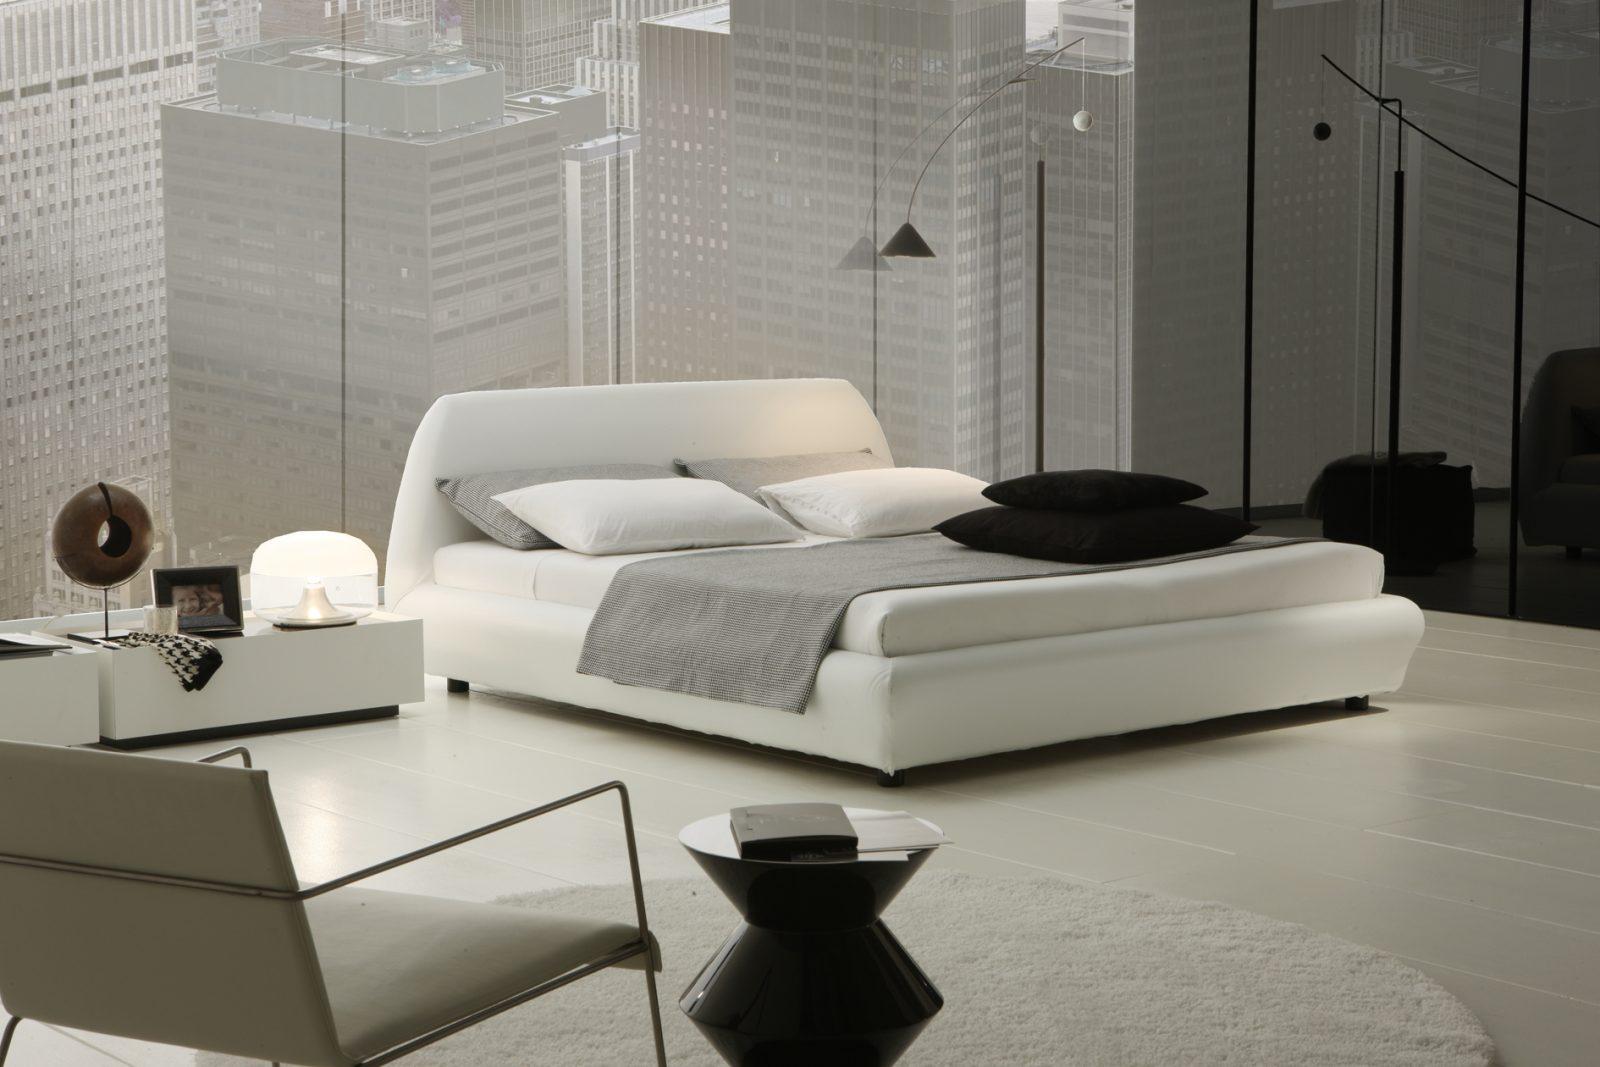 Habitaciones minimalistas im genes y fotos for Imagenes de recamaras estilo minimalista